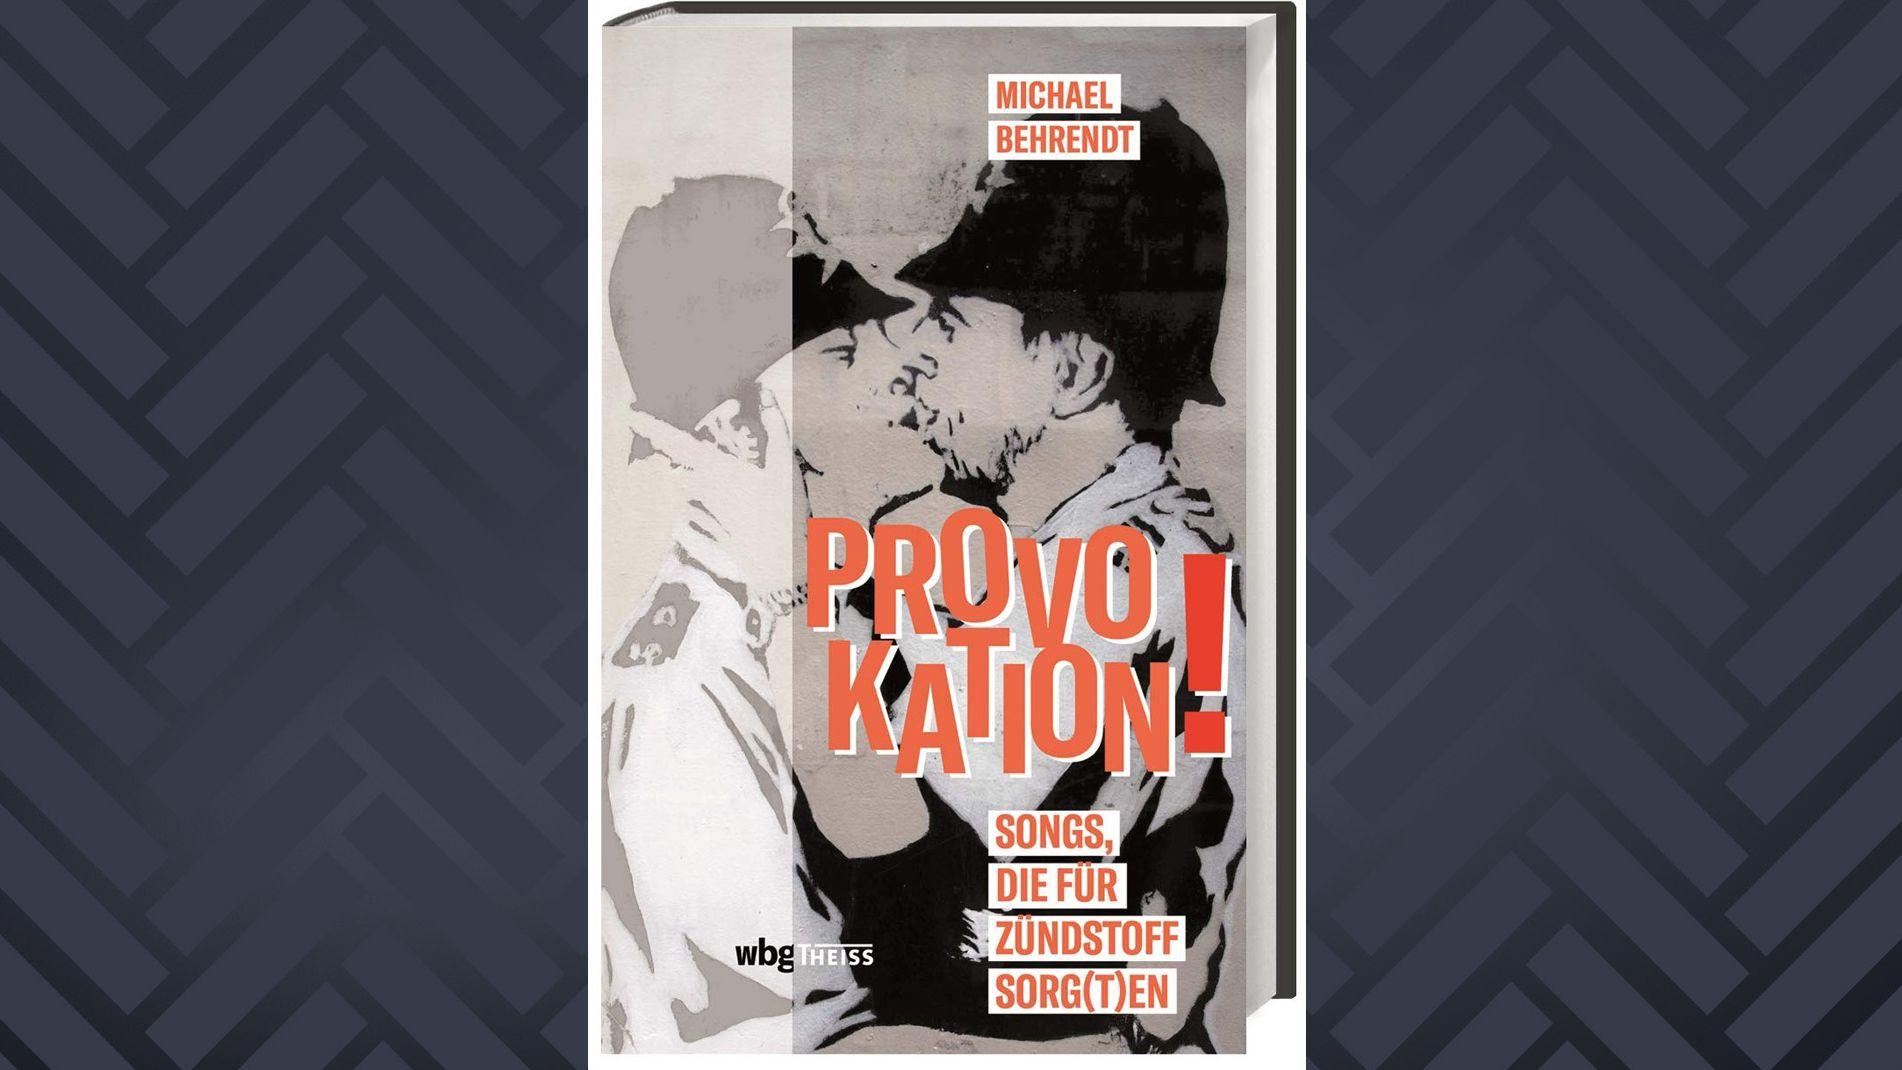 """Buchcover """"Provokation! Songs, die für Zündstoff sorg(t)en"""" von Michael Behrendt: Street Art-Bild zweier Polizisten, die sich küssen"""